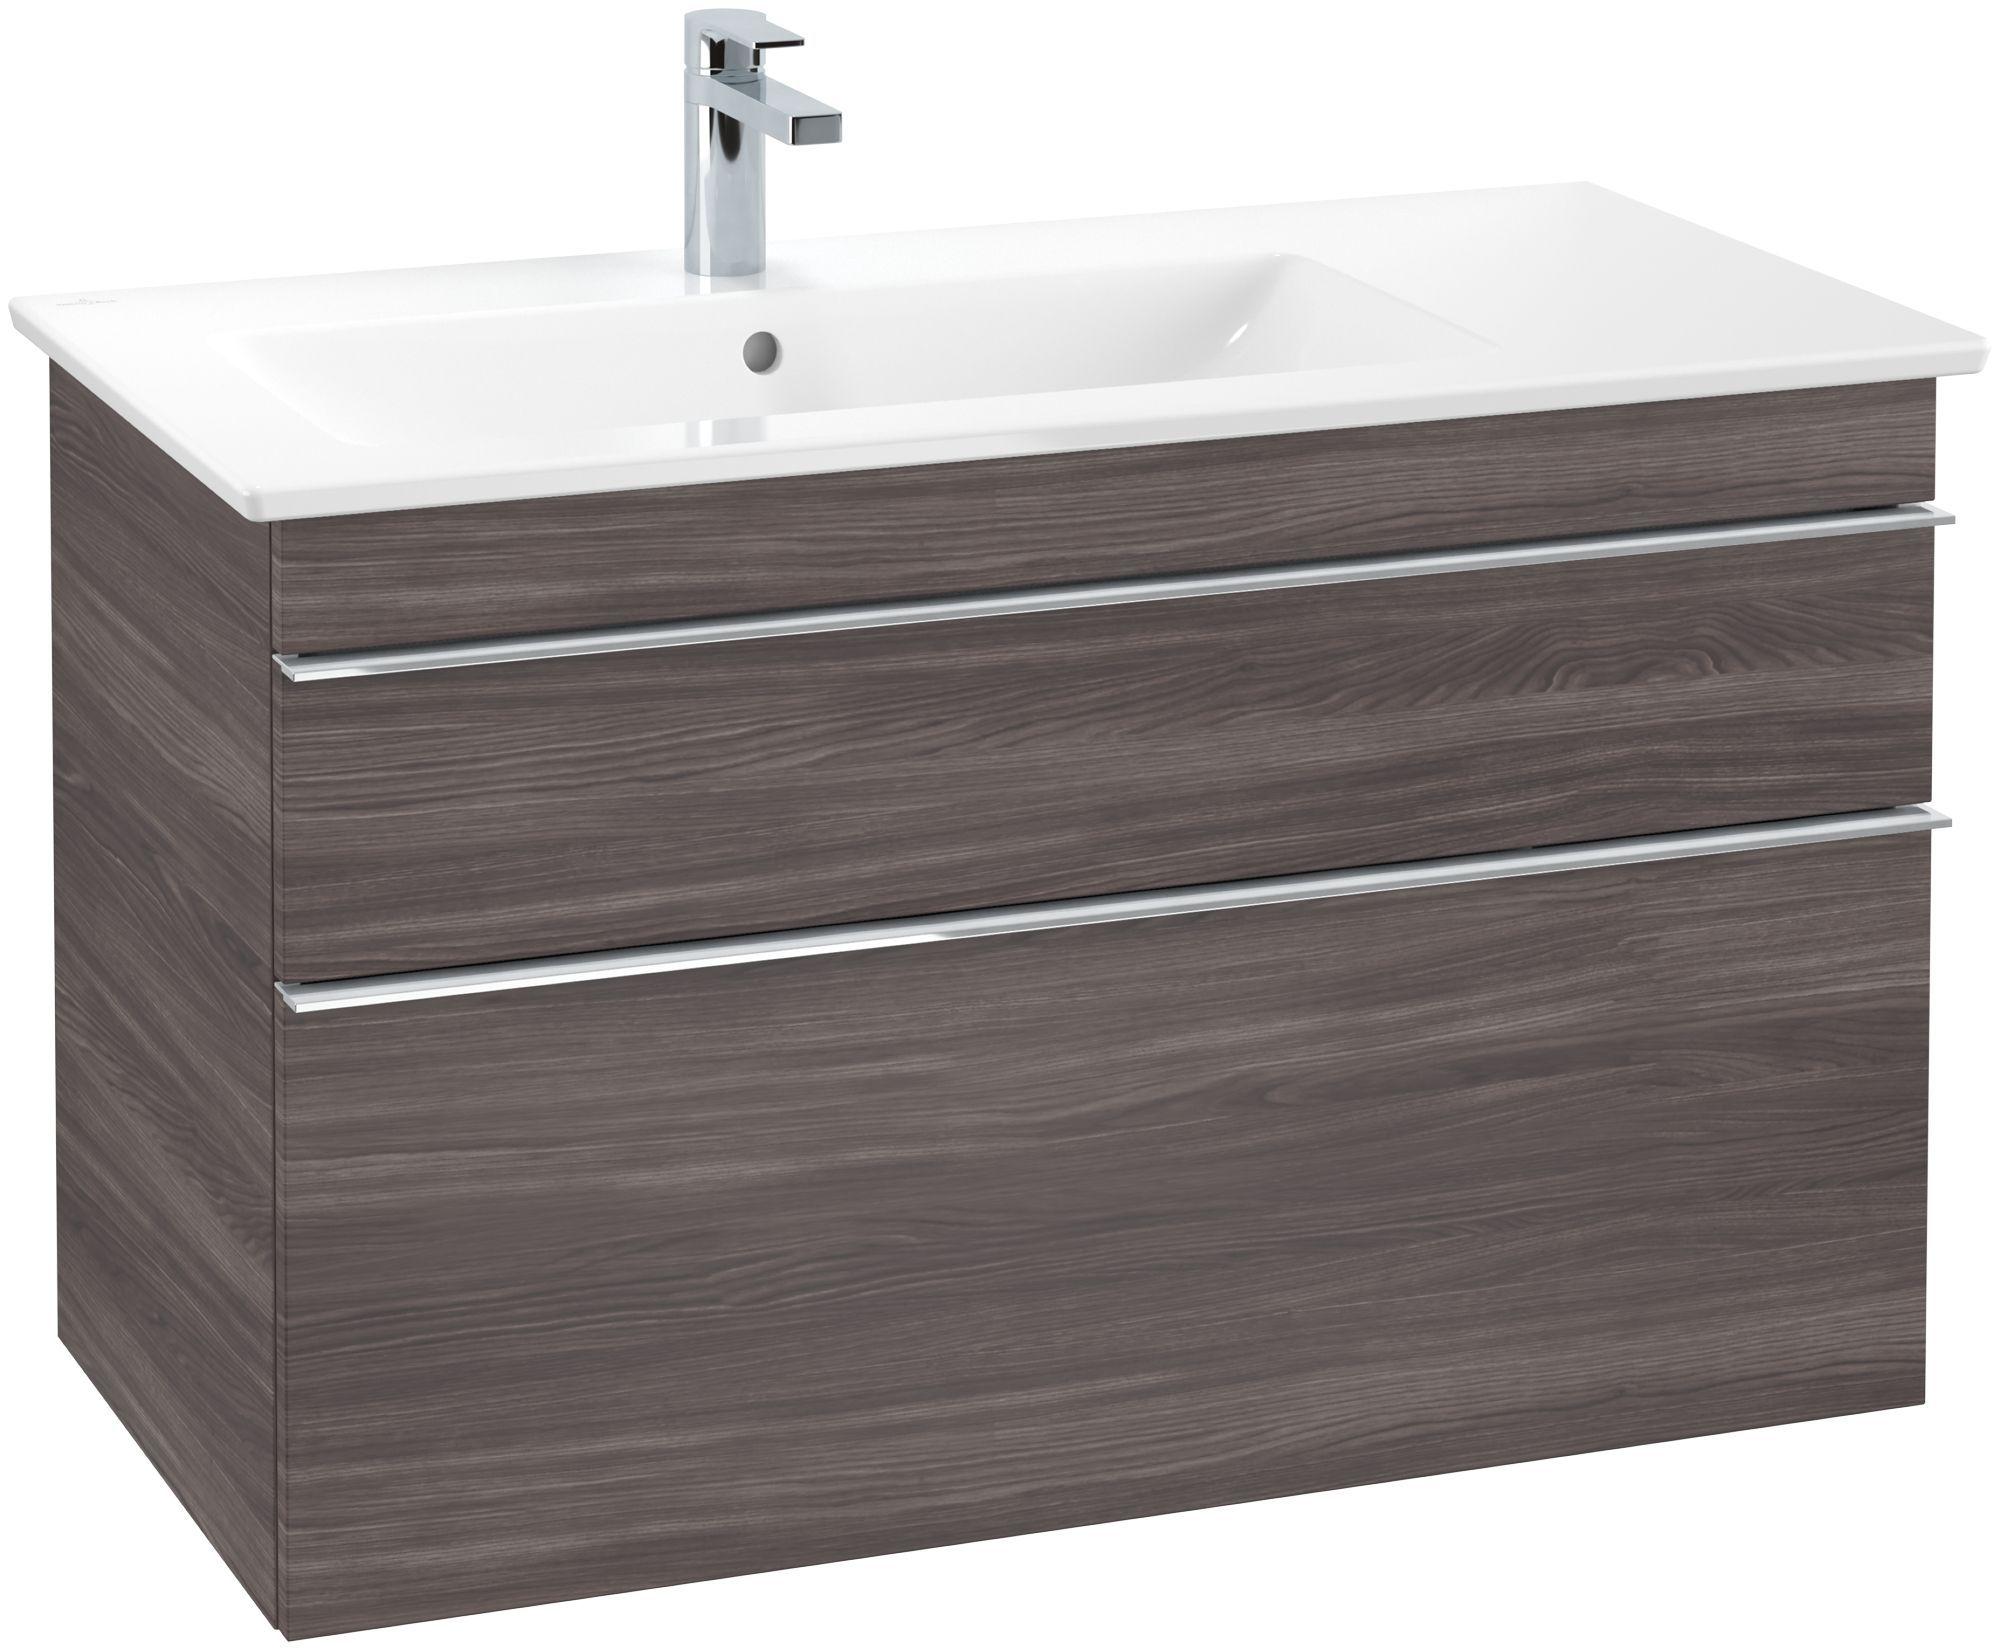 Villeroy & Boch Venticello Waschtischunterschrank 2 Auszüge B:953xT:502xH:590mm eiche graphit Griffe chrom A92701FQ